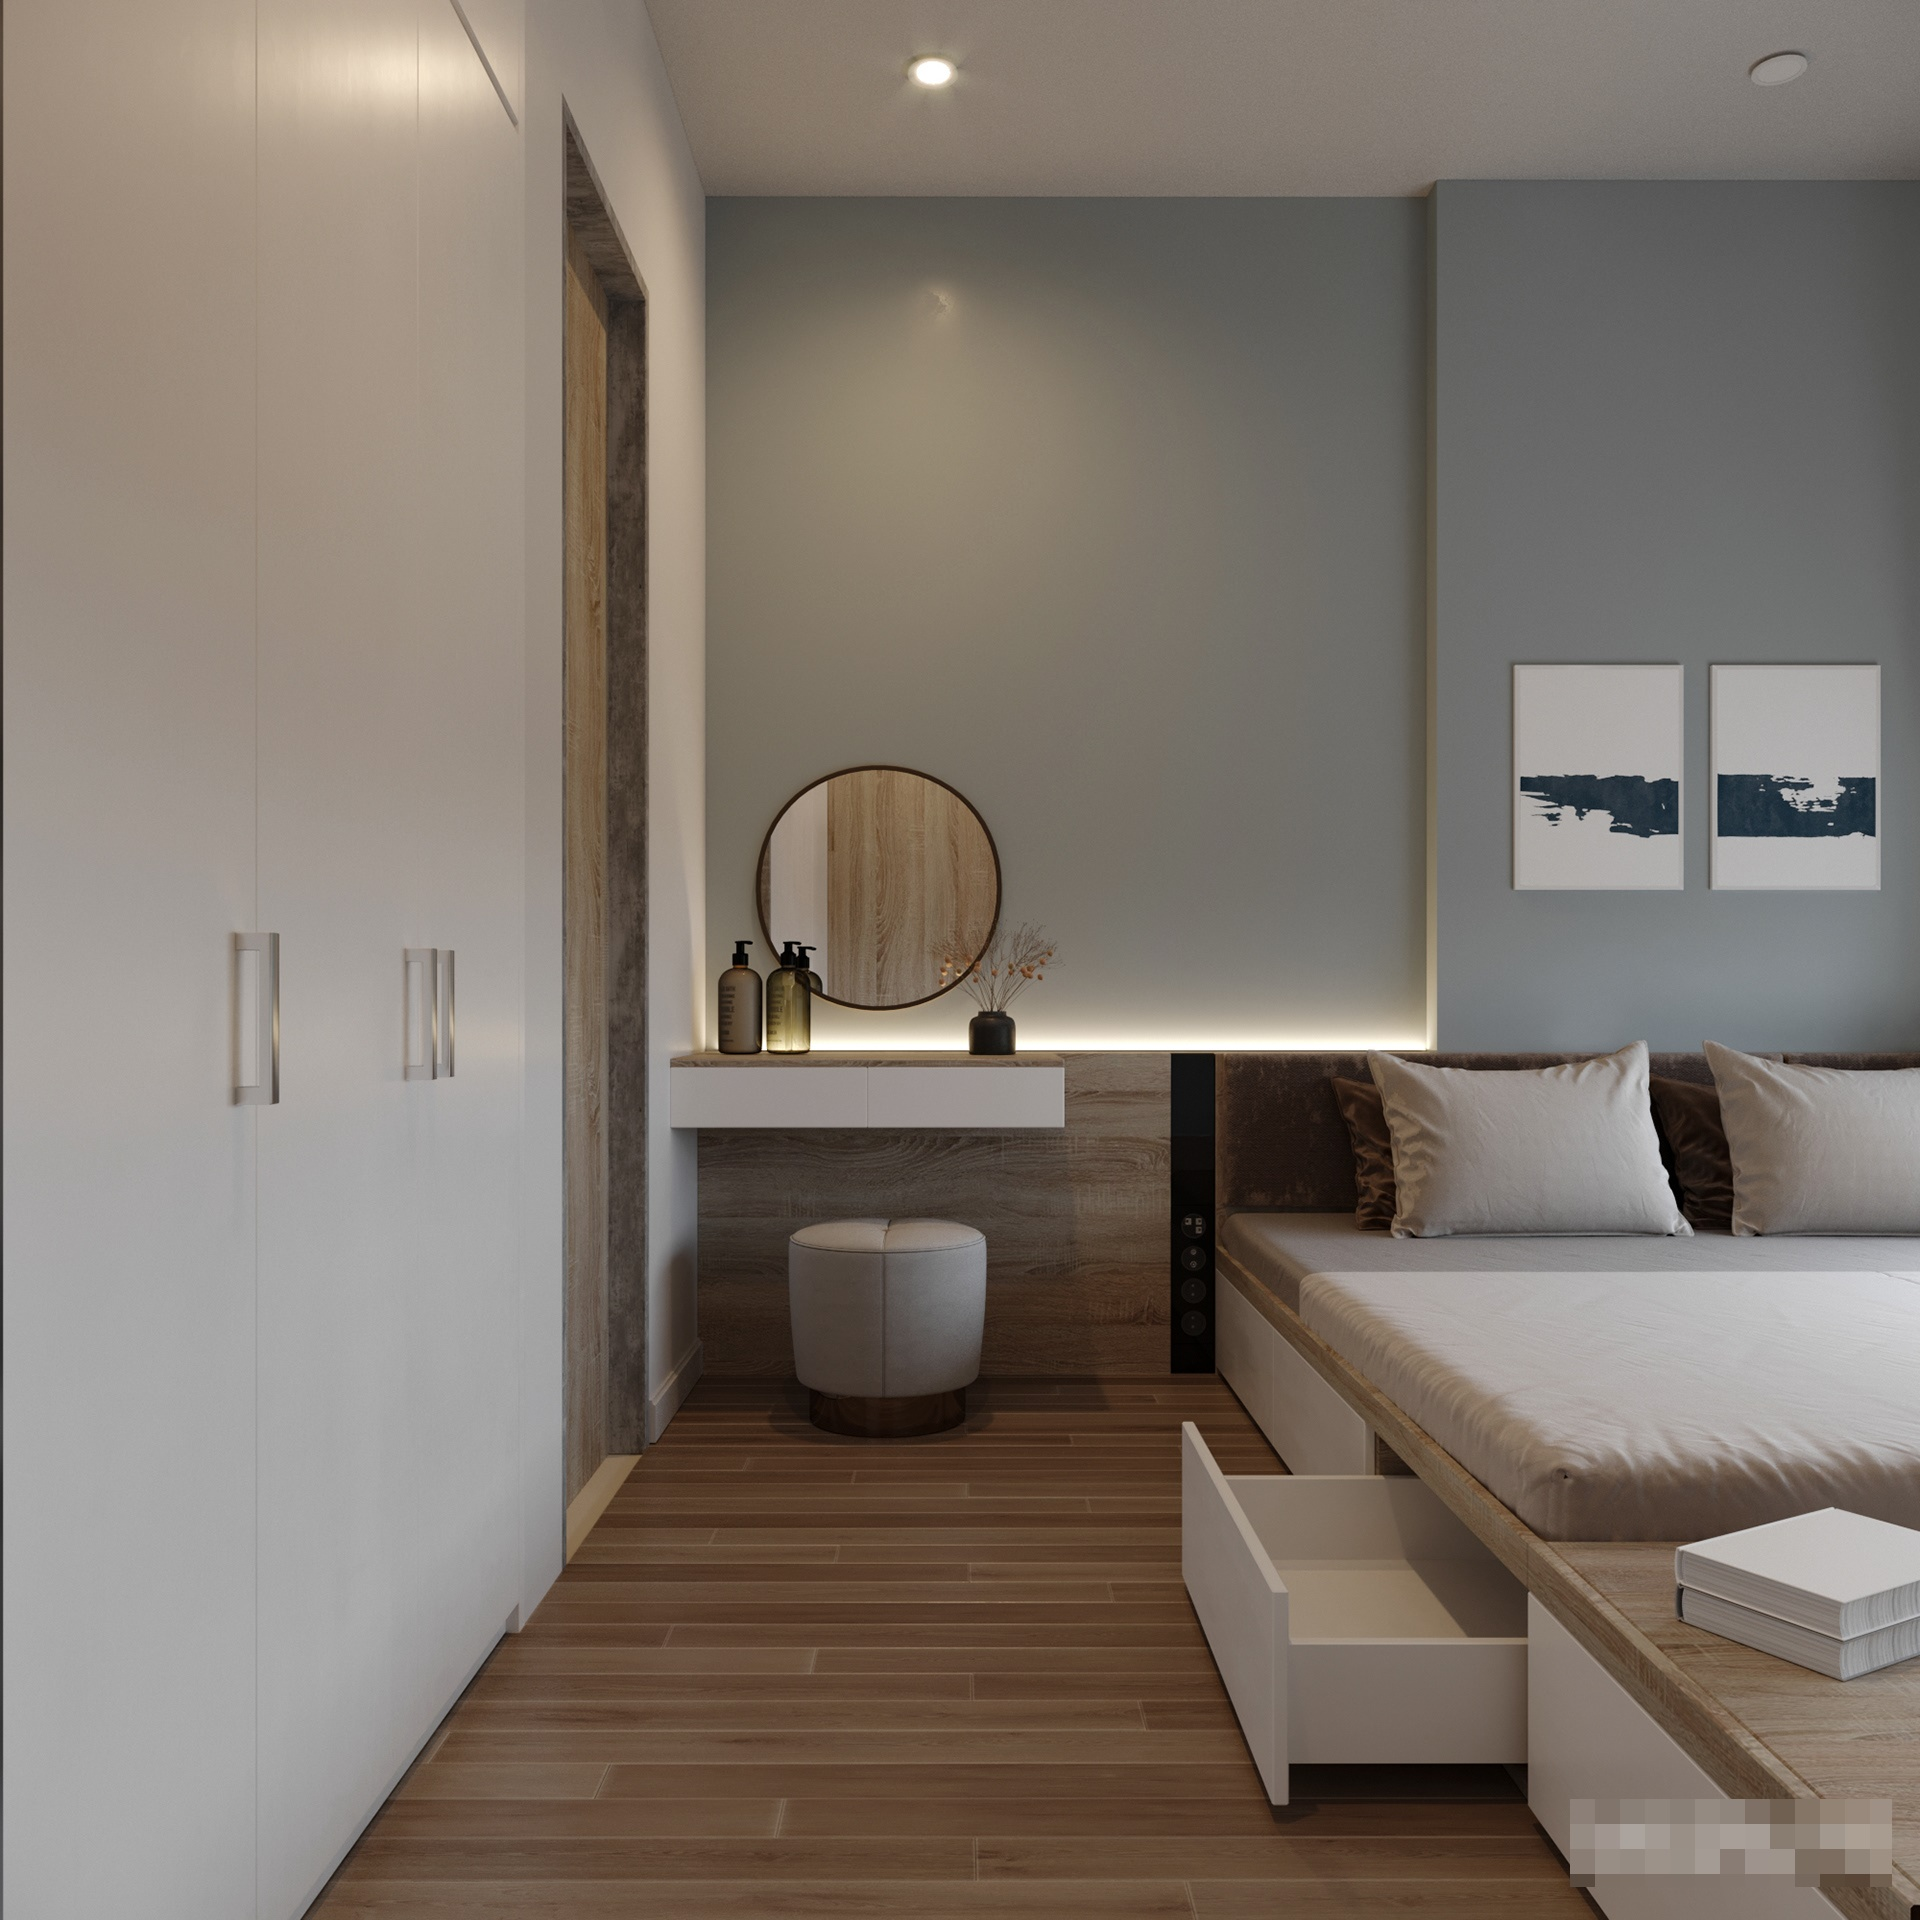 Vách đầu giường sử dụng đèn hắt tạo cảm giác vô cùng ấn tượng